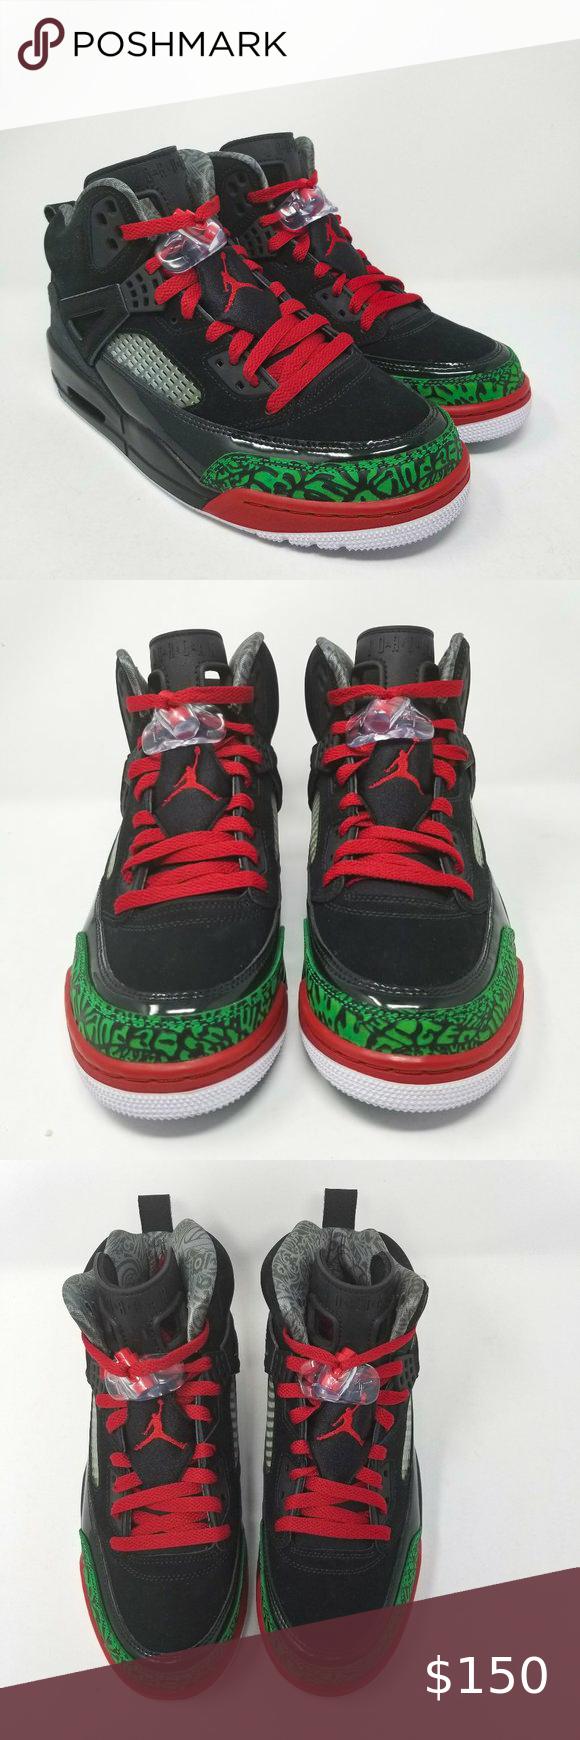 Jordan Spizike Black Red Green